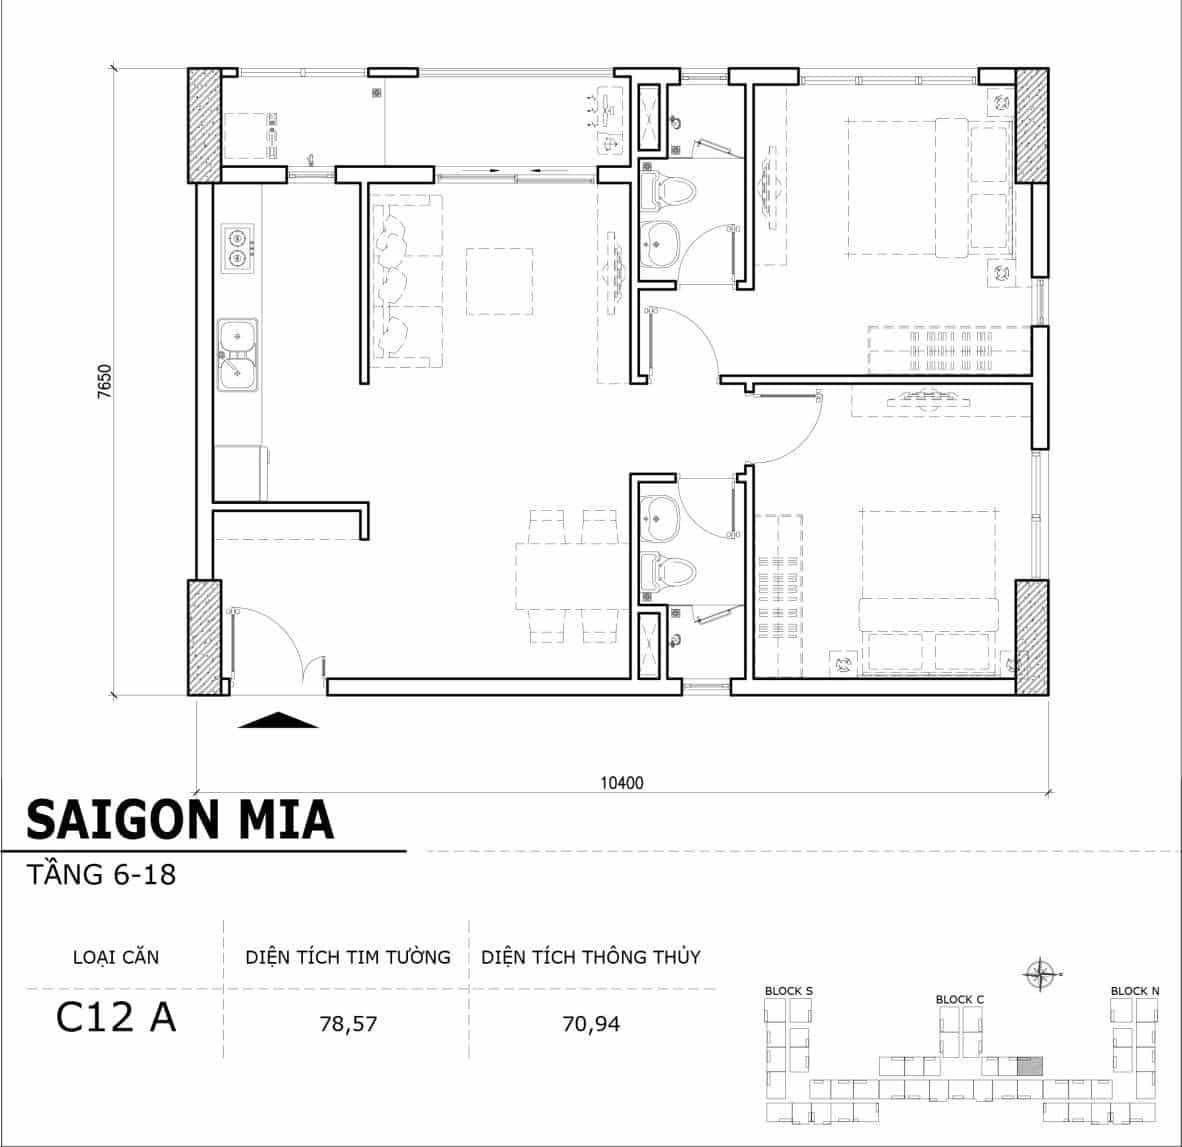 Chi tiết thiết kế căn hộ điển hình tầng 6-18 dự án Sài Gòn Mia - Căn C12A